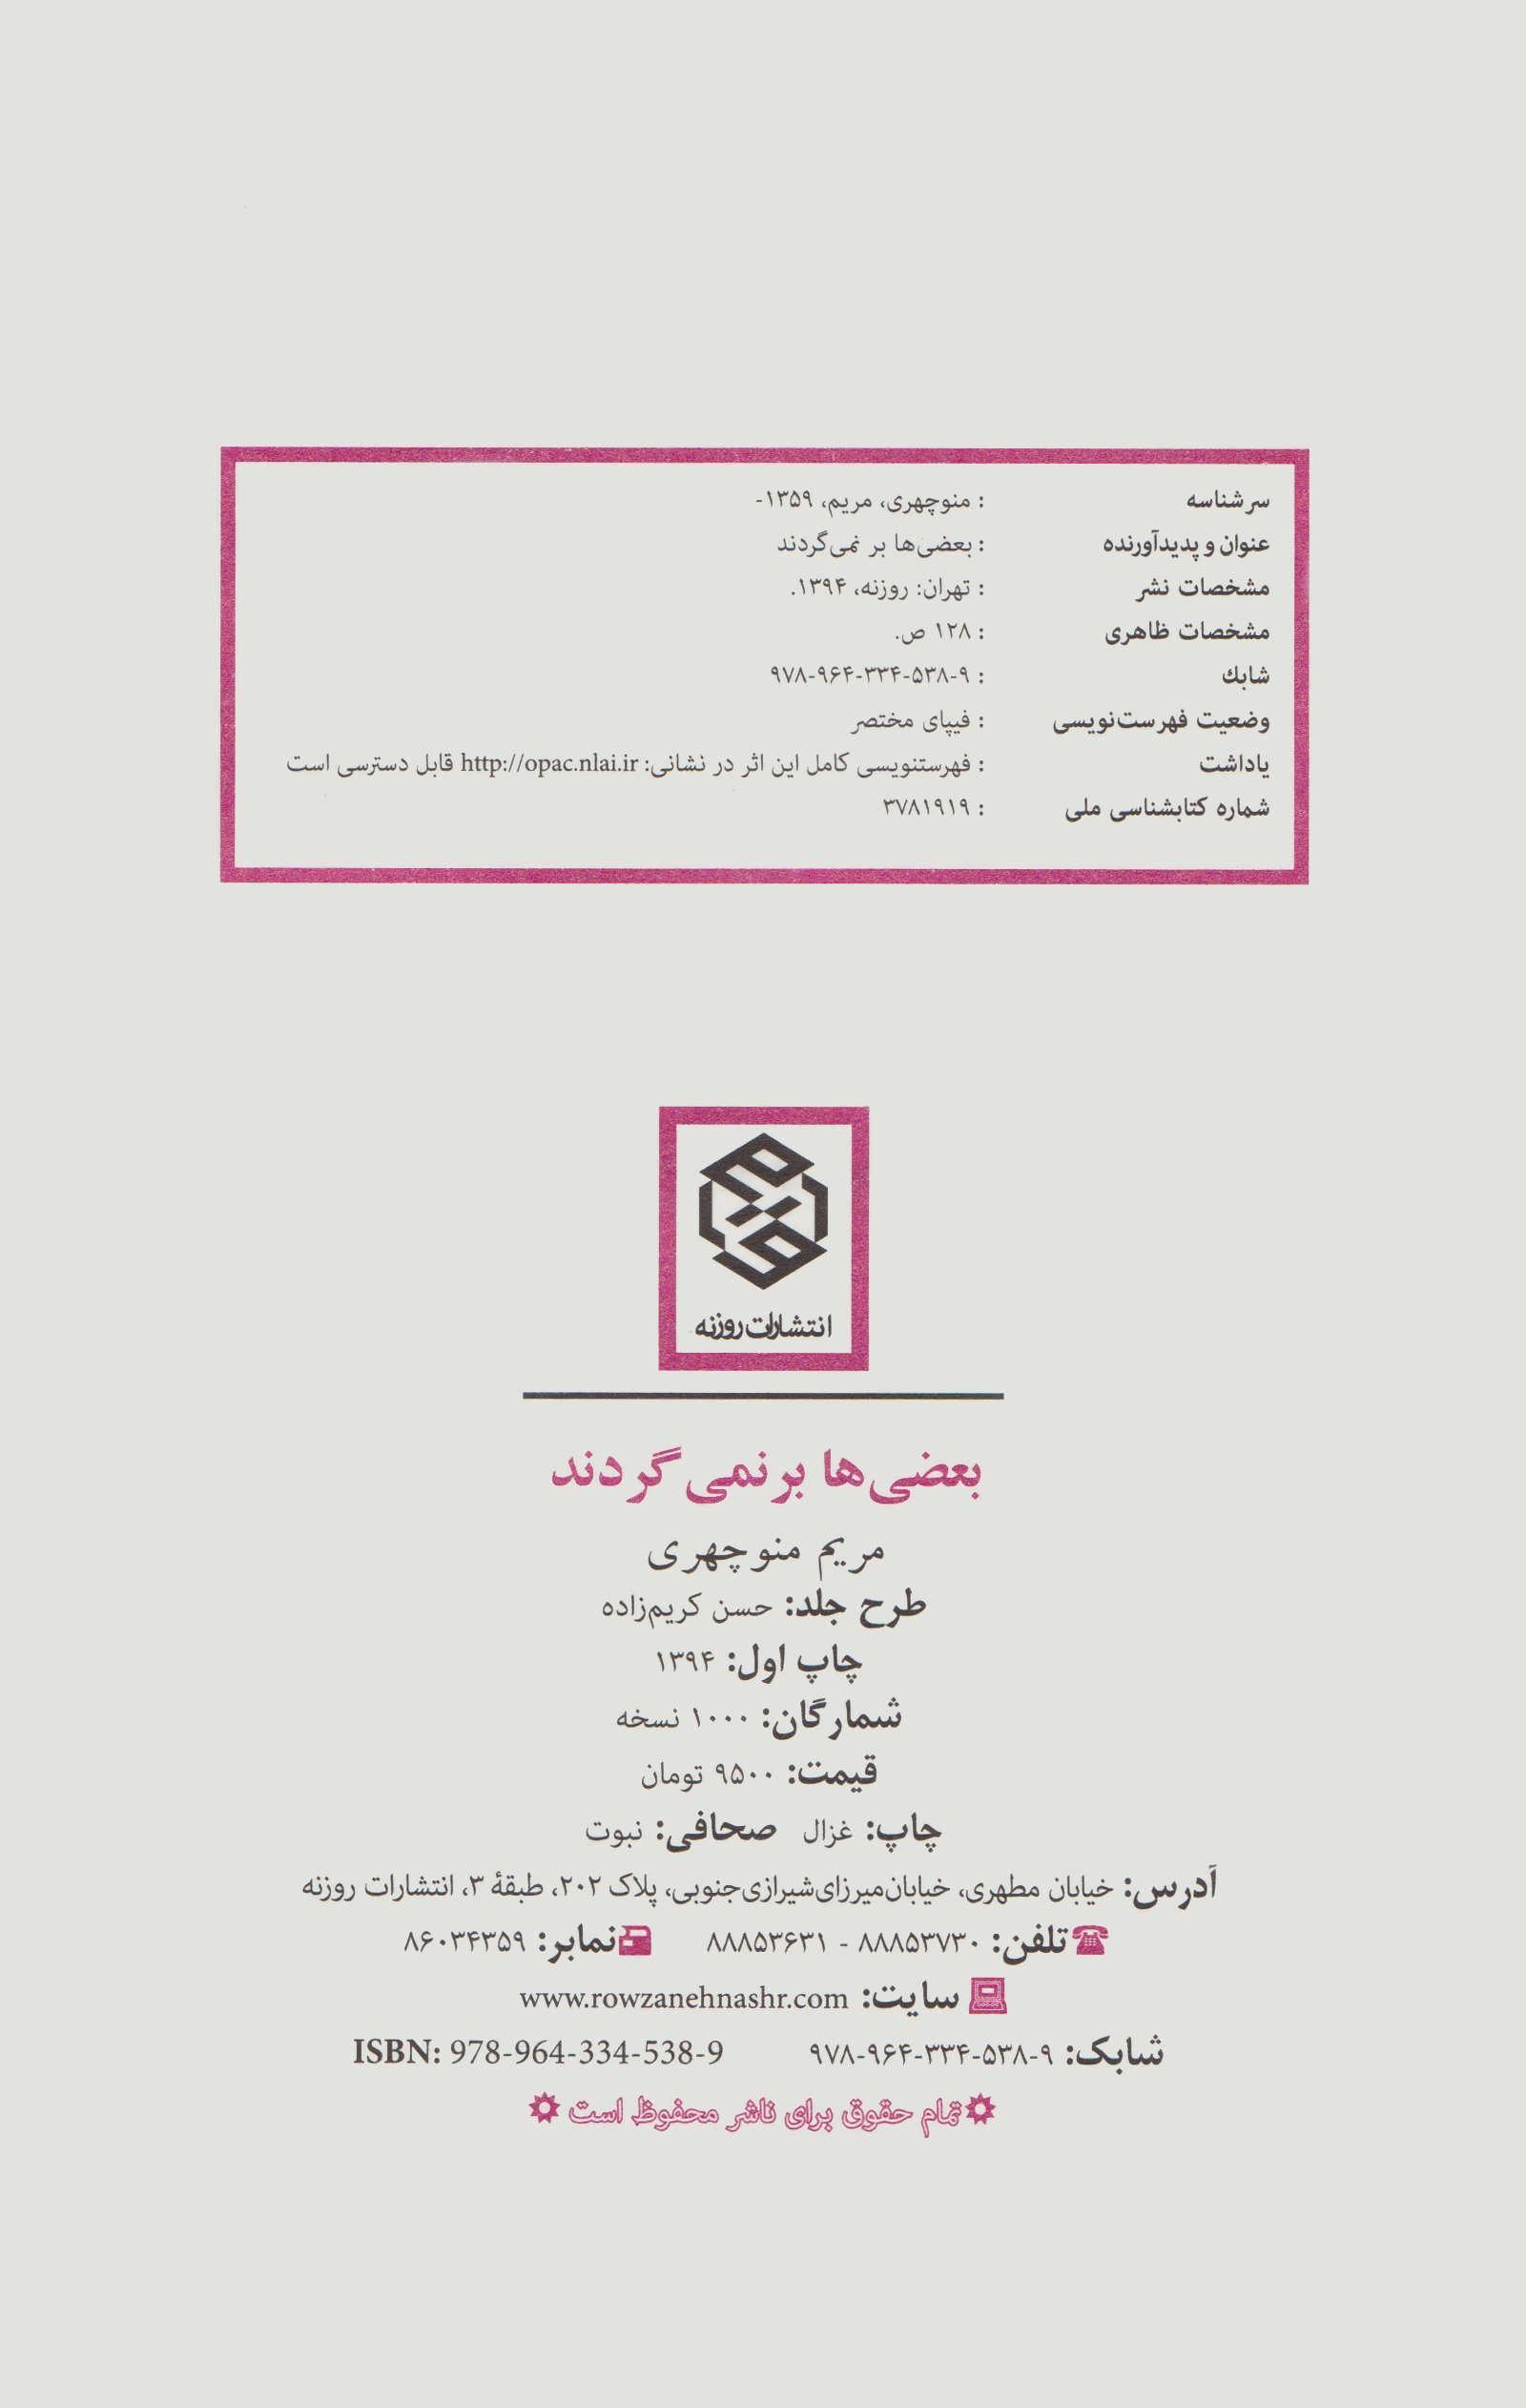 بعضی ها بر نمی گردند (رمان ایرانی14)